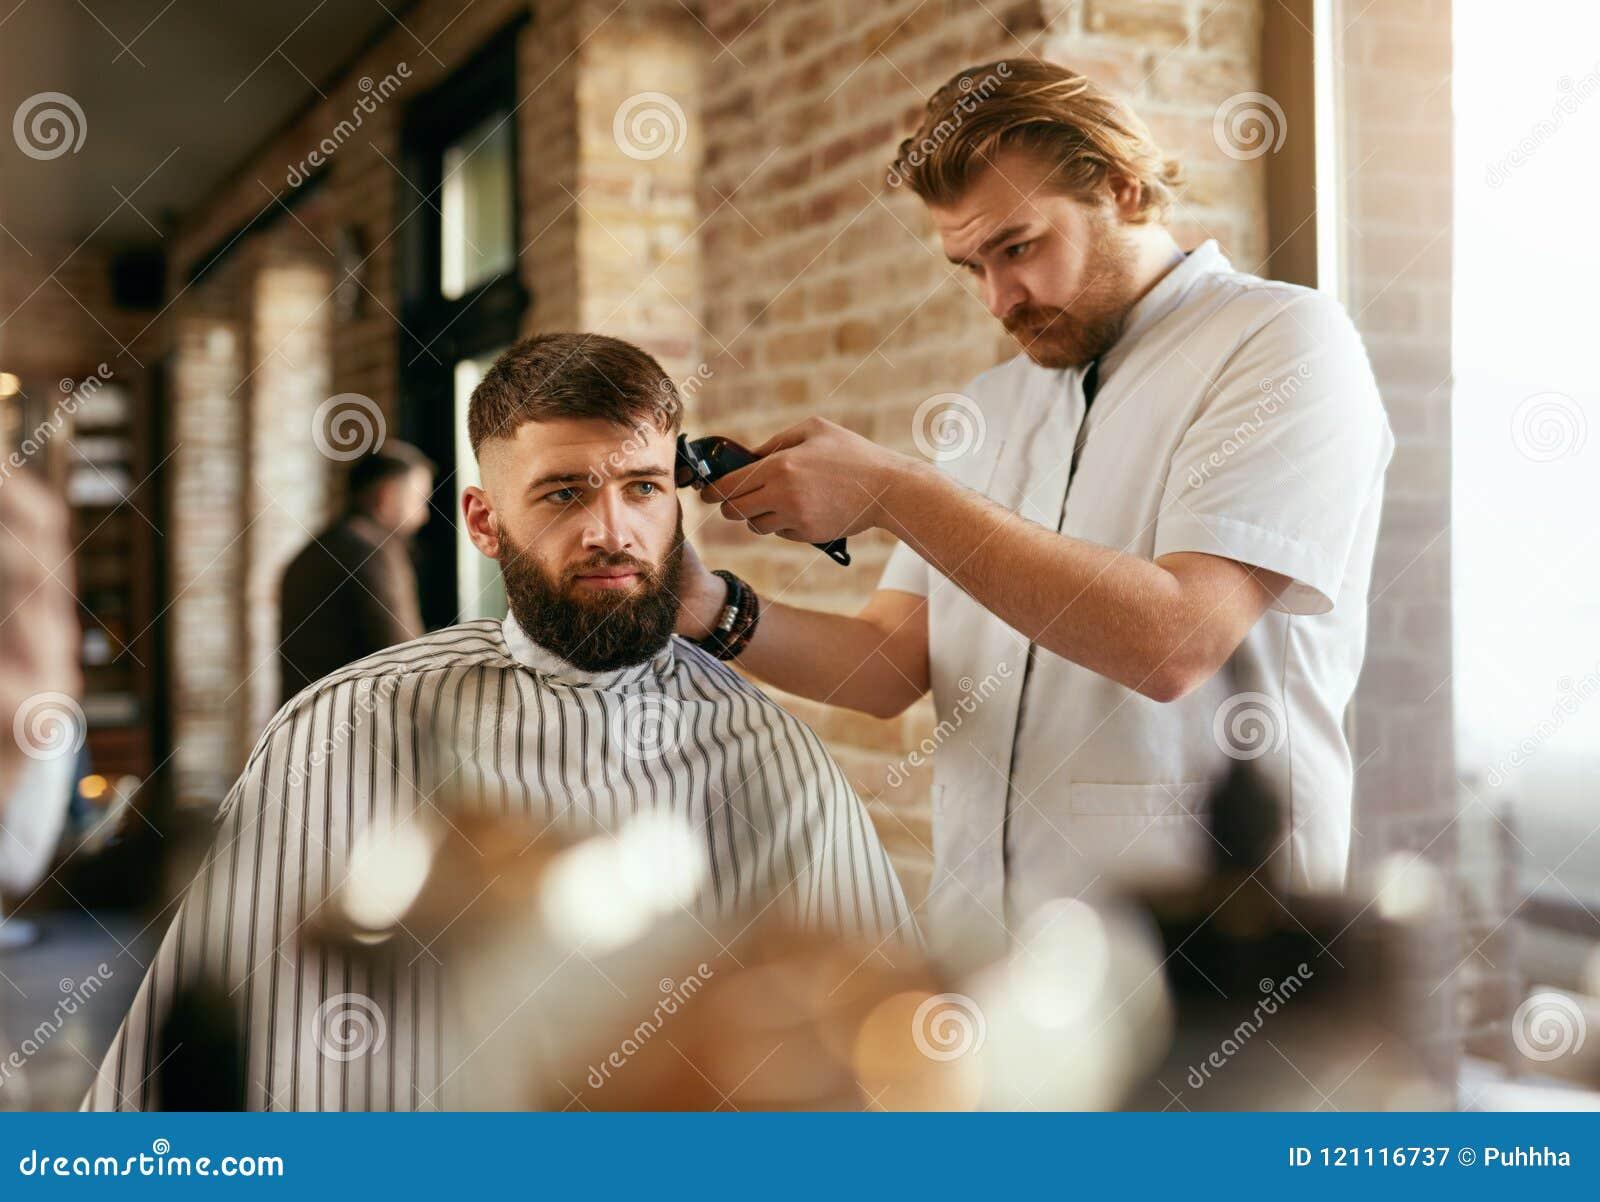 Getting A Haircut 25